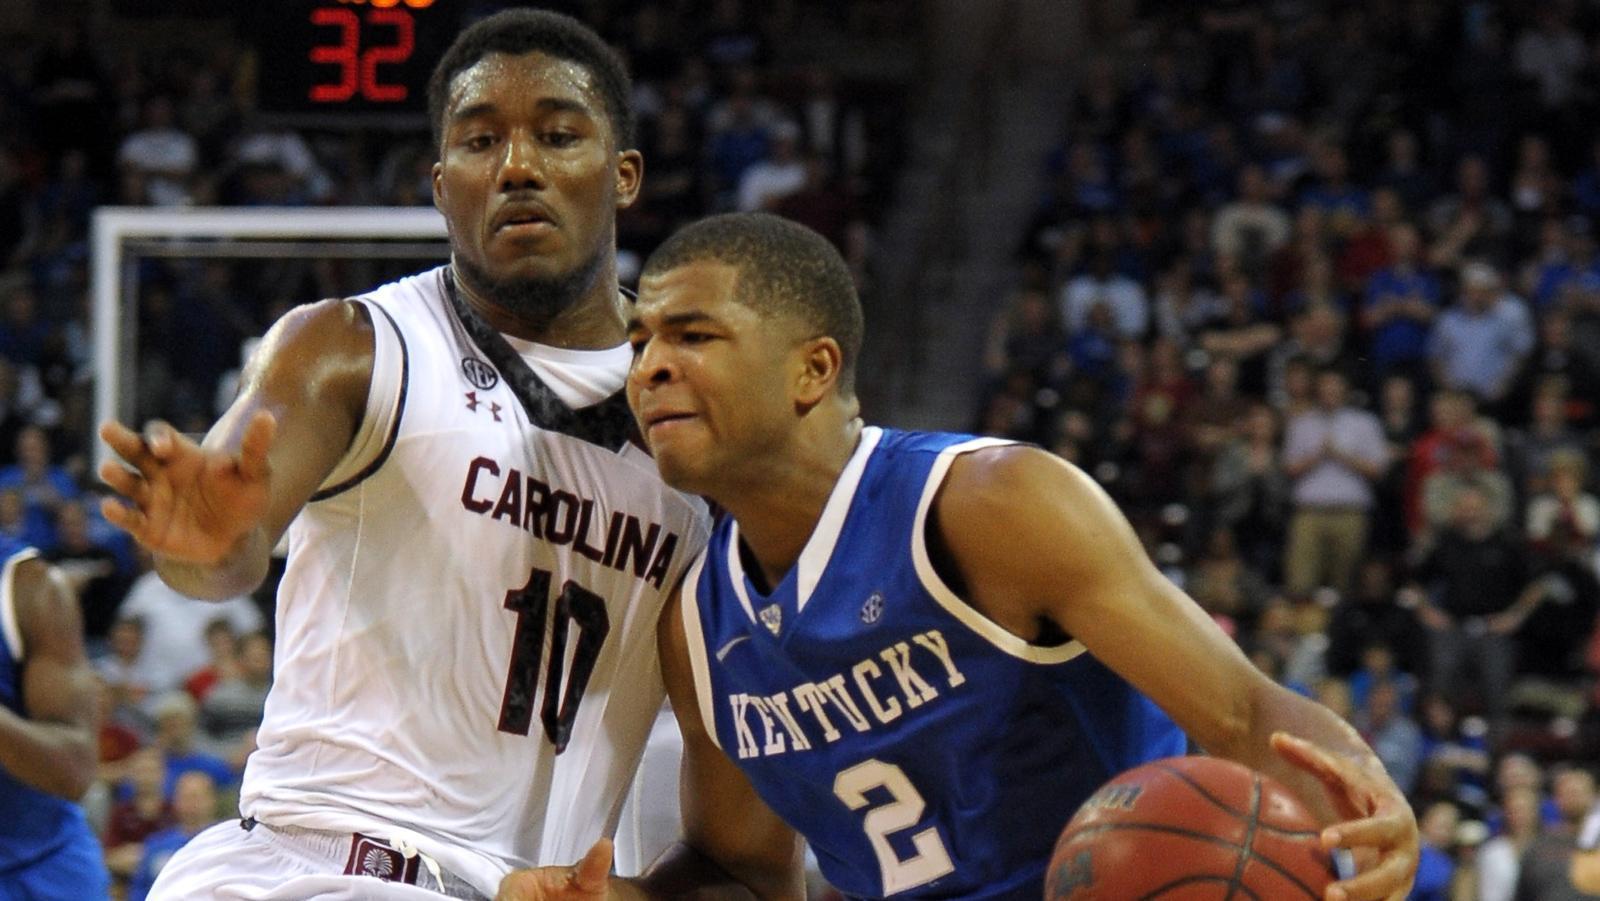 Kentucky Men's College Basketball - Wildcats News, Scores ...